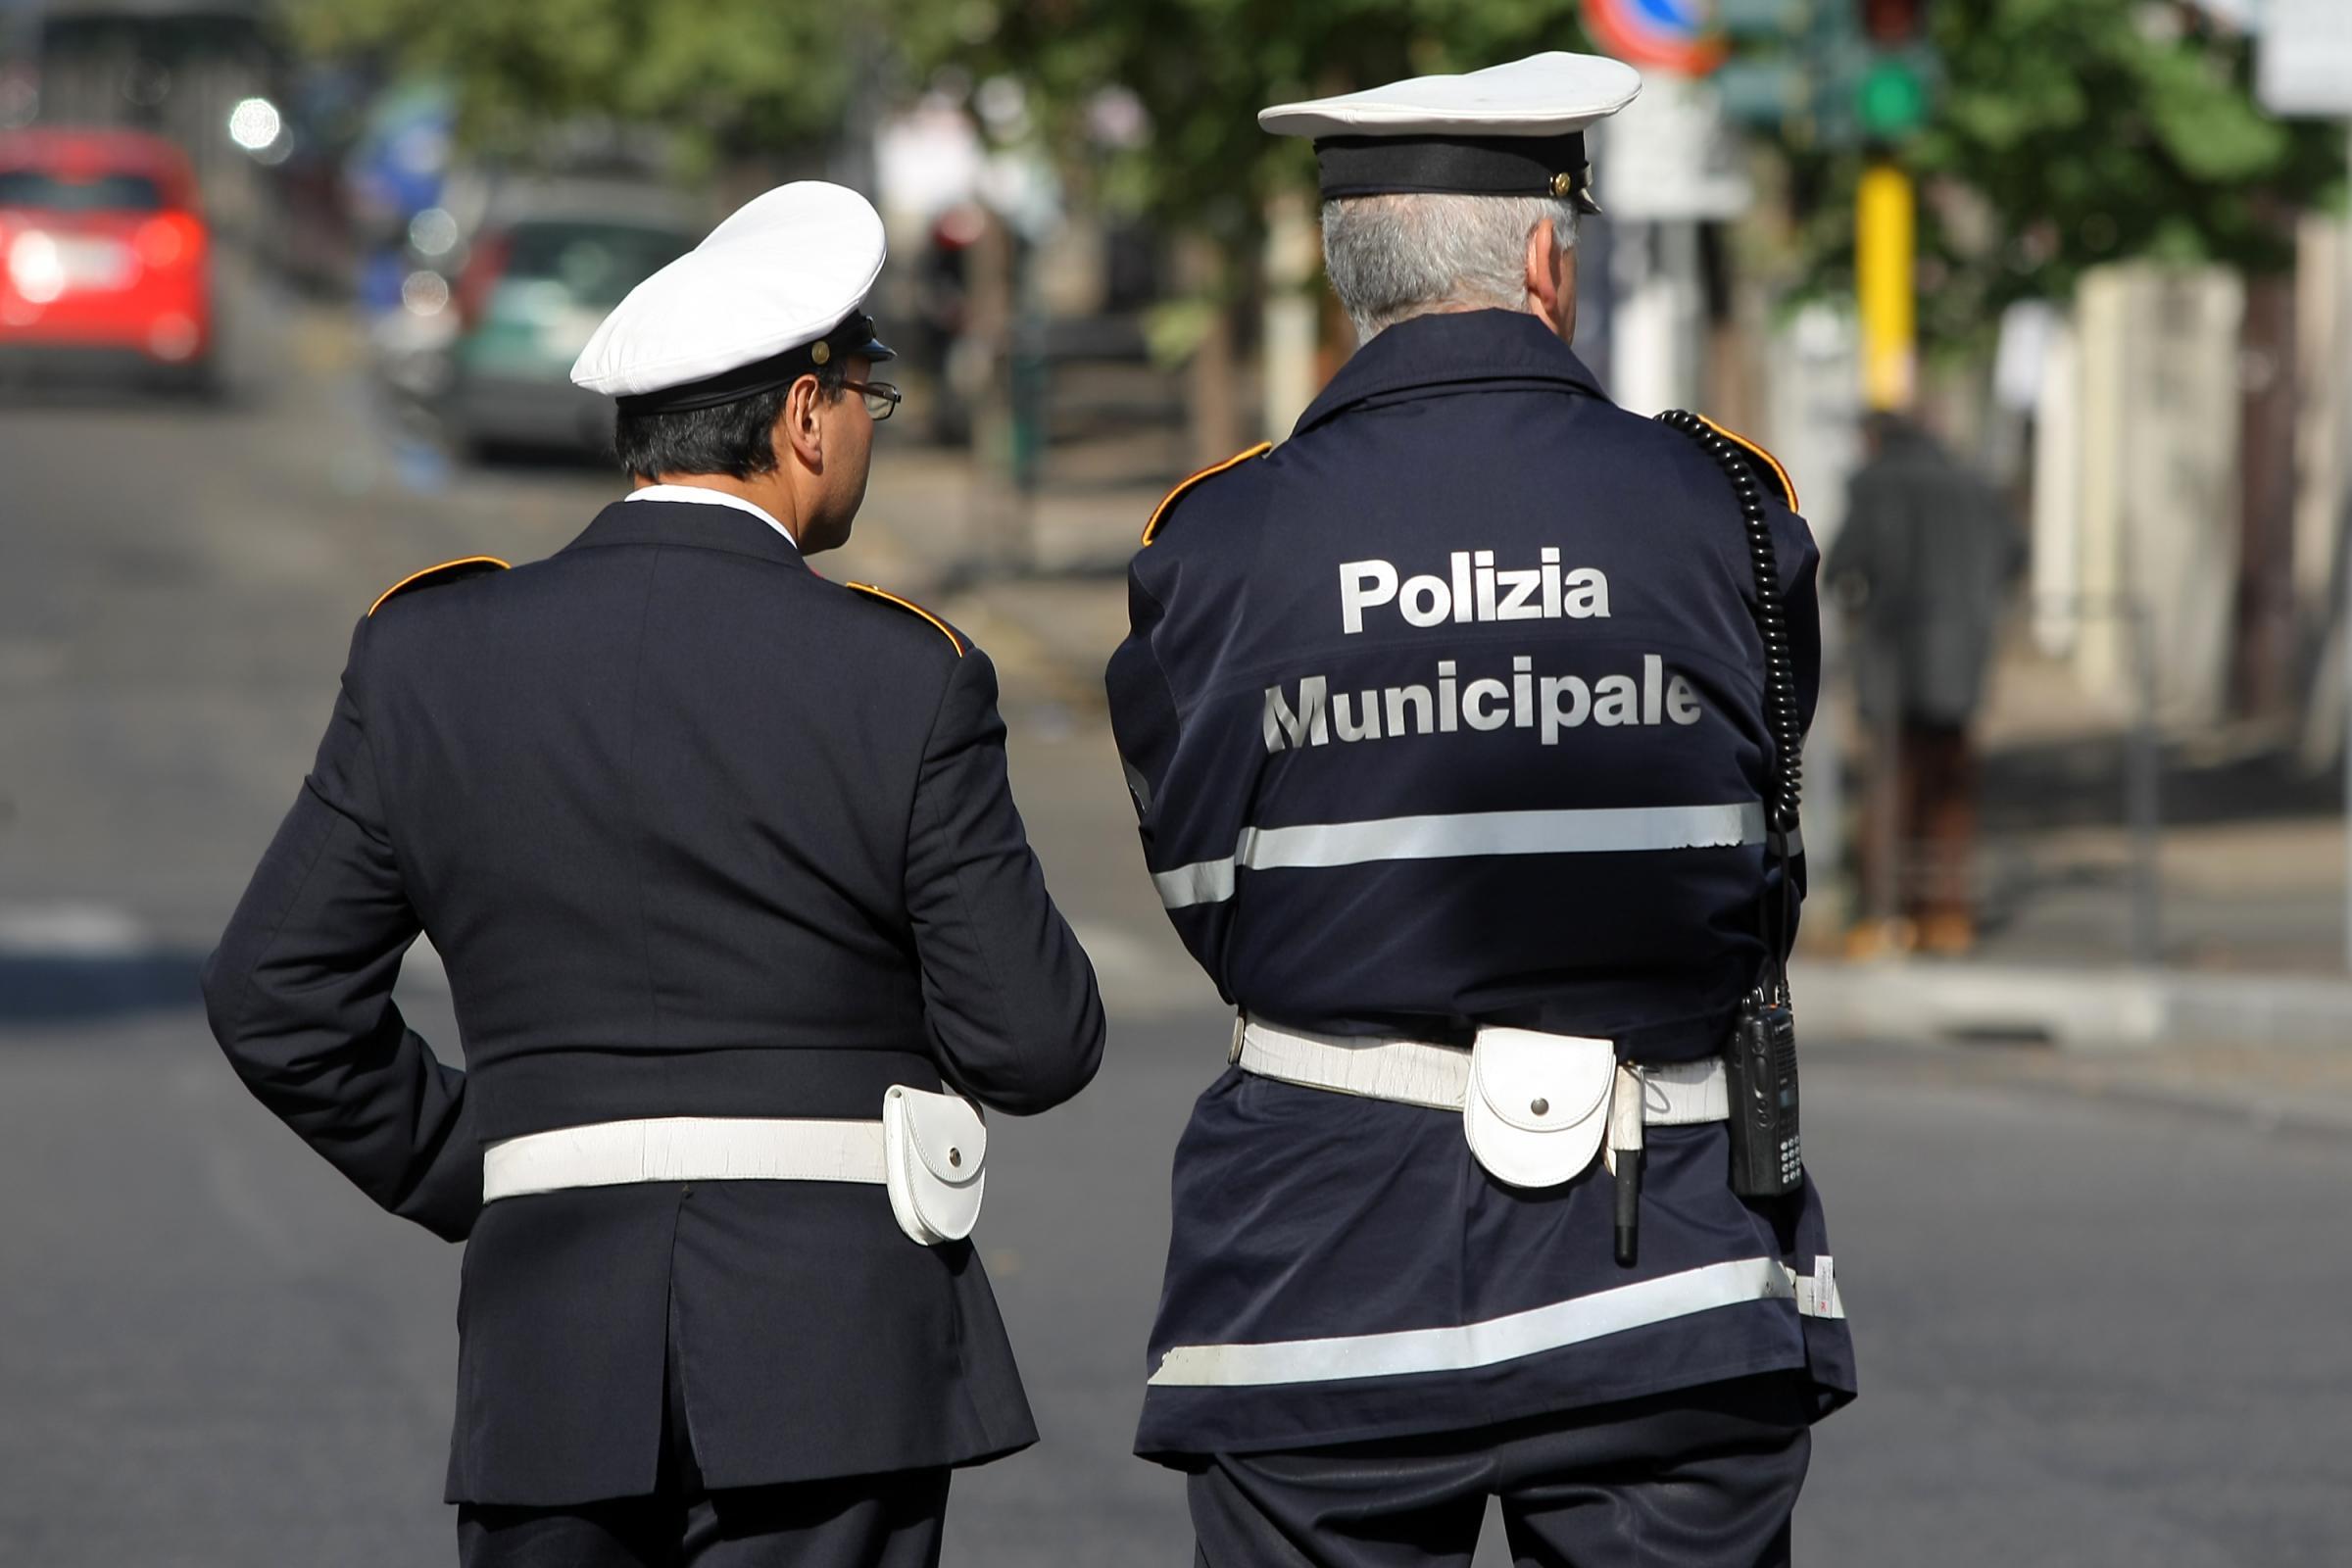 Sacchetti neri in via Toledo:la Polizia Locale individua i responsabili dell'illecito sversamento